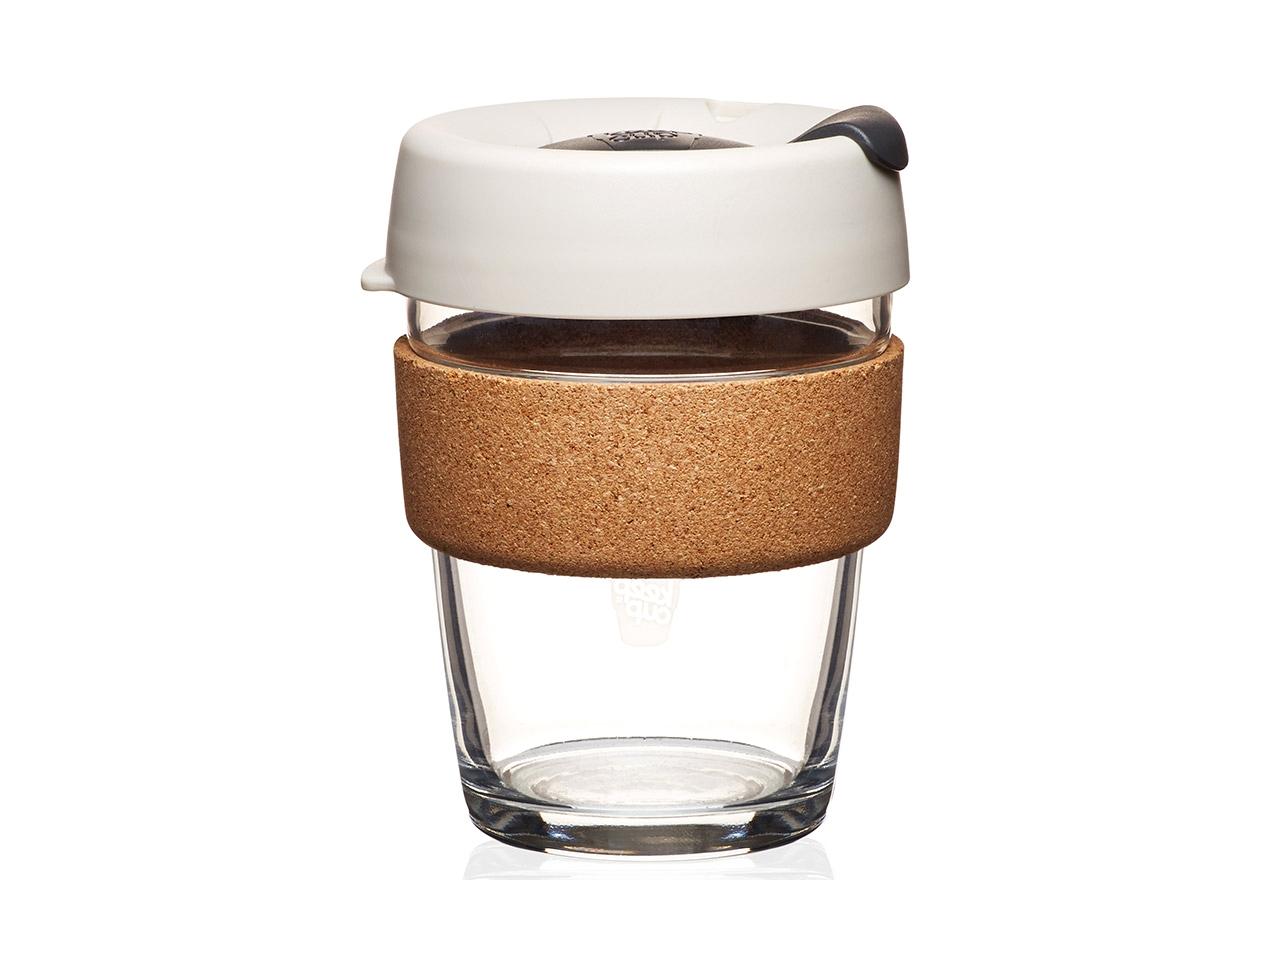 Стакан Keepcup filterЧайные пары, чашки и кружки<br>Главная идея KeepCup – вдохновить любителей кофе отказаться от использования одноразовых бумажных и пластиковых стаканов, так как их производство и утилизация наносят вред окружающей среде. В год производится и выбрасывается около 500 миллиардов одноразовых стаканчиков, а ведь планета у нас всего одна. Главный плюс кружки  – привлекательный и яркий дизайн, который станет отражением вашего личного стиля. Берите ее в кафе или наливайте кофе, чай, сок дома, чтобы взять с собой. Специальная крышка с открывающимся и закрывающимся клапаном спасет от брызг, ободок из пробкового дерева поможет не обжечься, и кружку будет удобно держать в руках. Плотная крышка и толстые стенки сохранят напиток теплым в течение 20-30 минут. Можно использовать в микроволновой печи и мыть в посудомоечной машине.&amp;lt;div&amp;gt;&amp;lt;br&amp;gt;&amp;lt;/div&amp;gt;&amp;lt;div&amp;gt;Объем:&amp;amp;nbsp;340 мл.&amp;lt;/div&amp;gt;<br><br>Material: Стекло<br>Height см: 12,5<br>Diameter см: 8